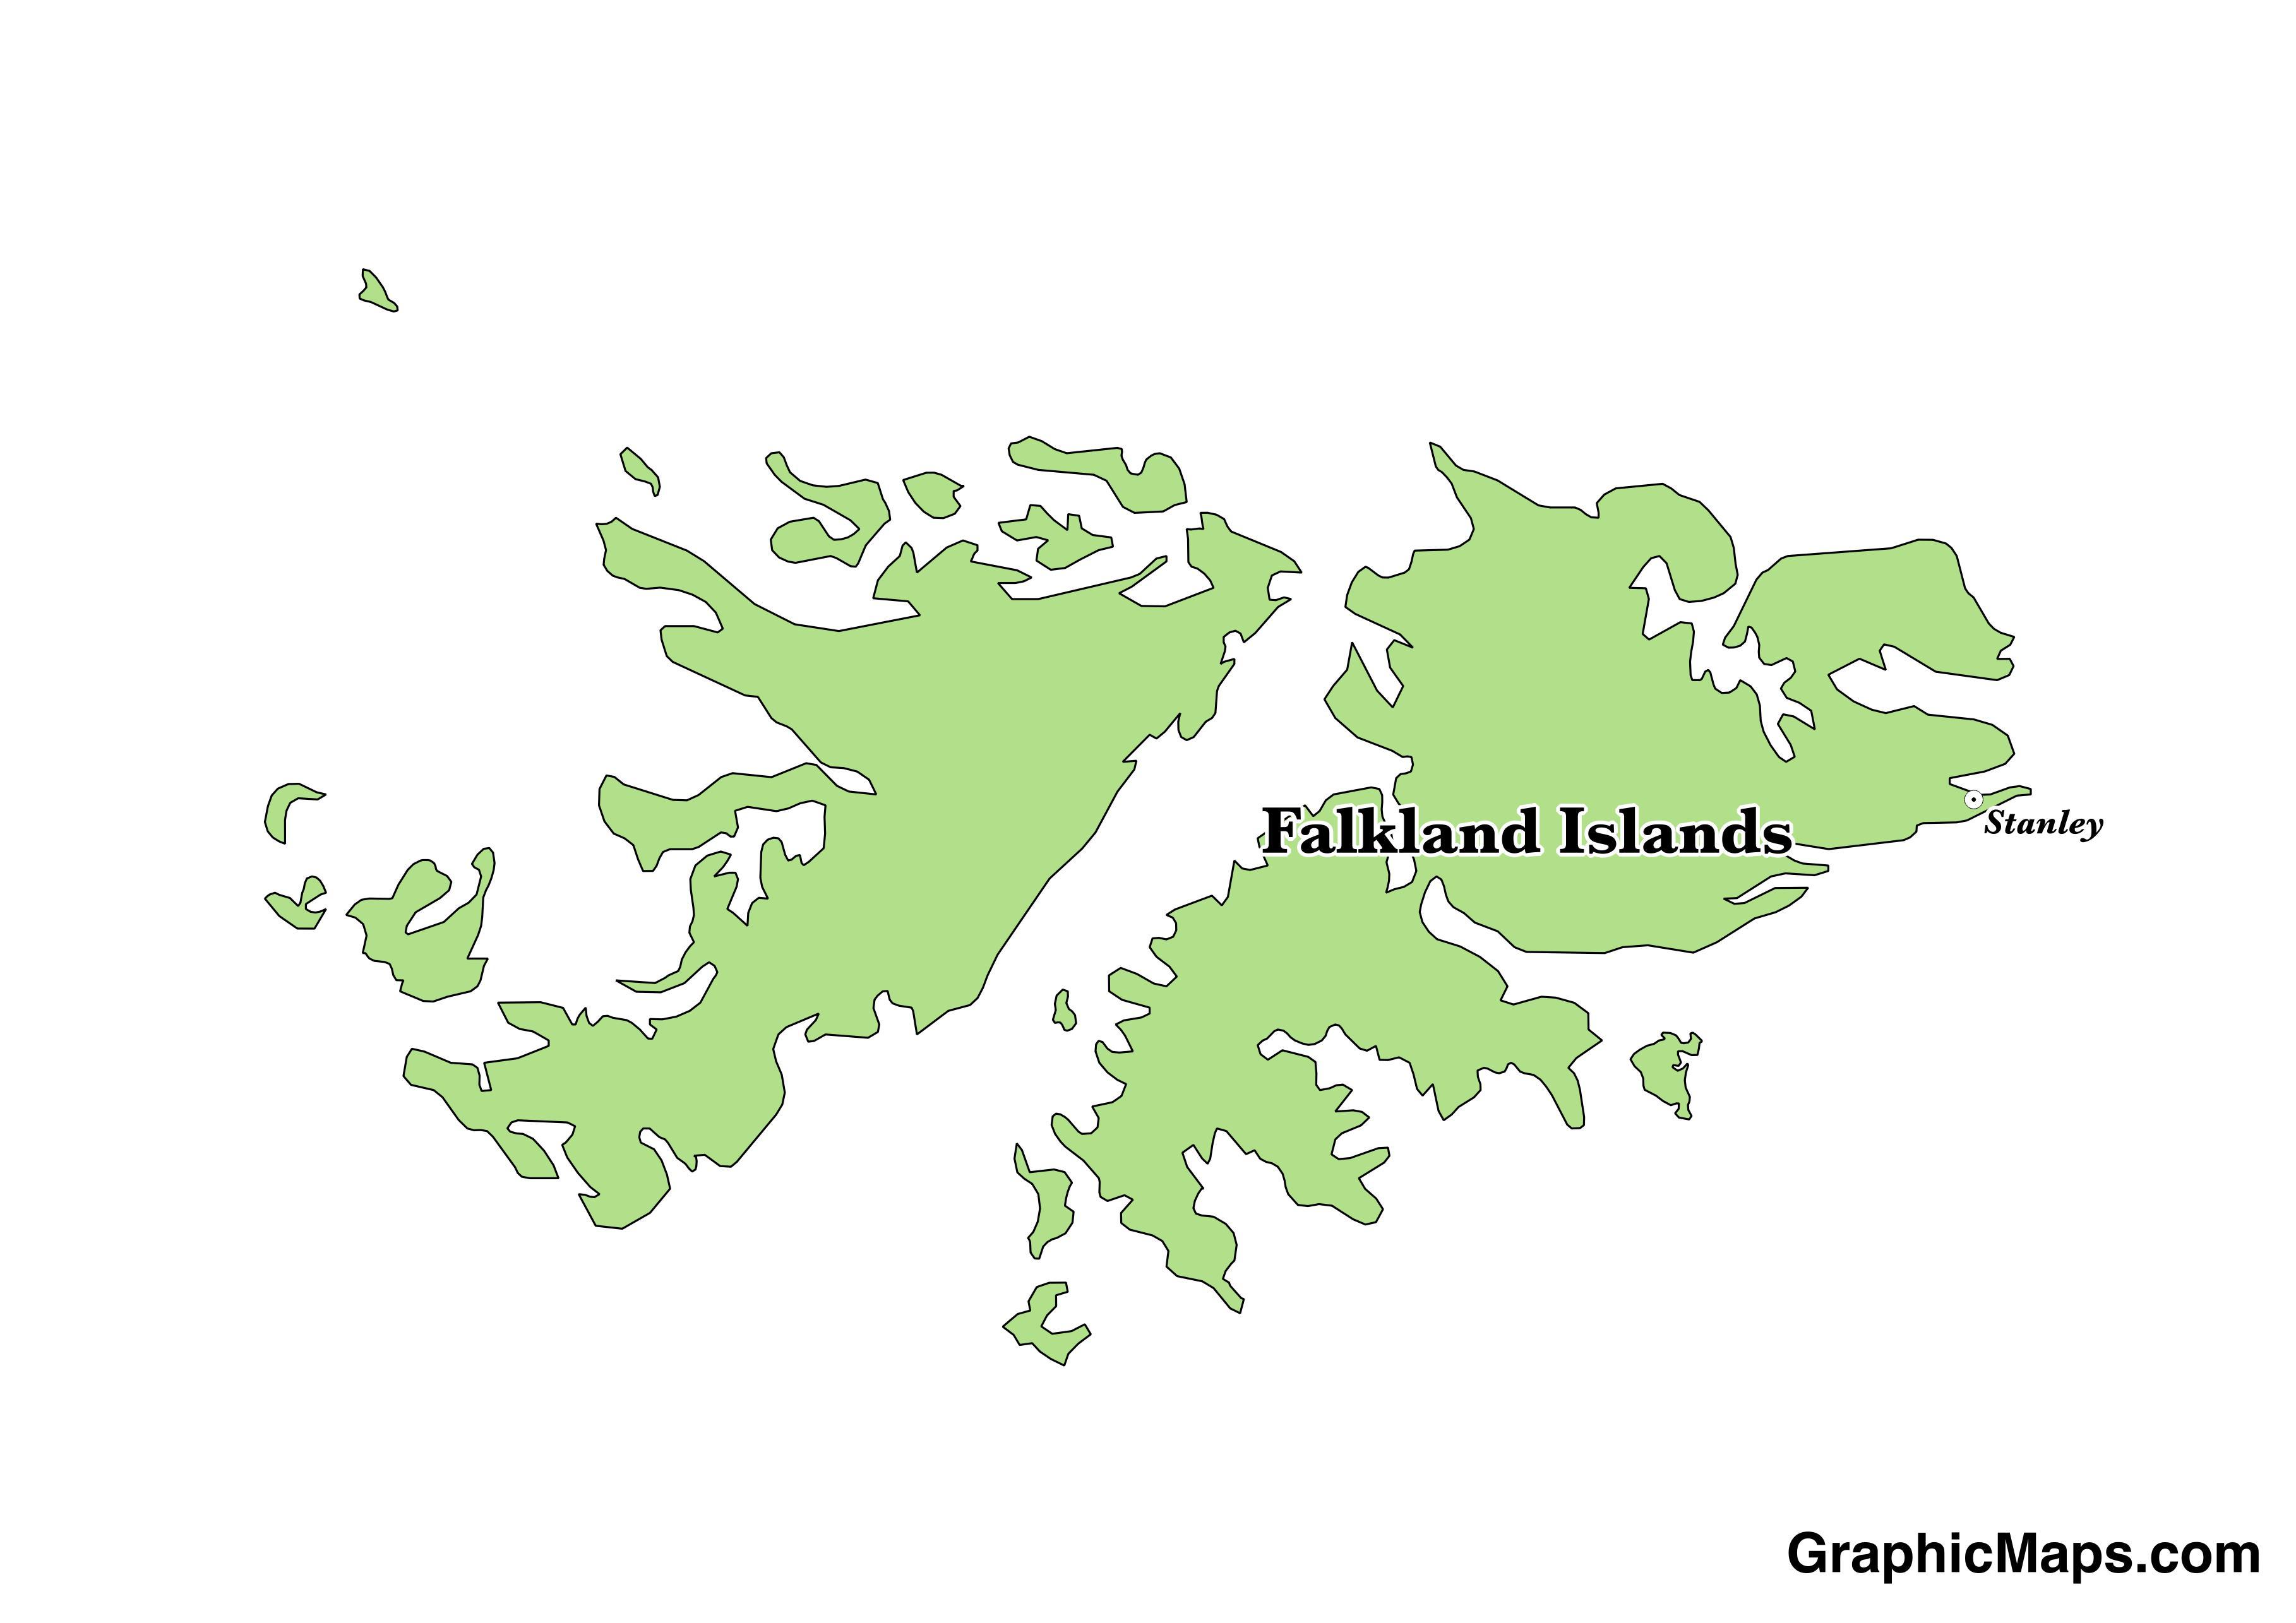 Falkland Islands GraphicMapscom - Falkland islands map